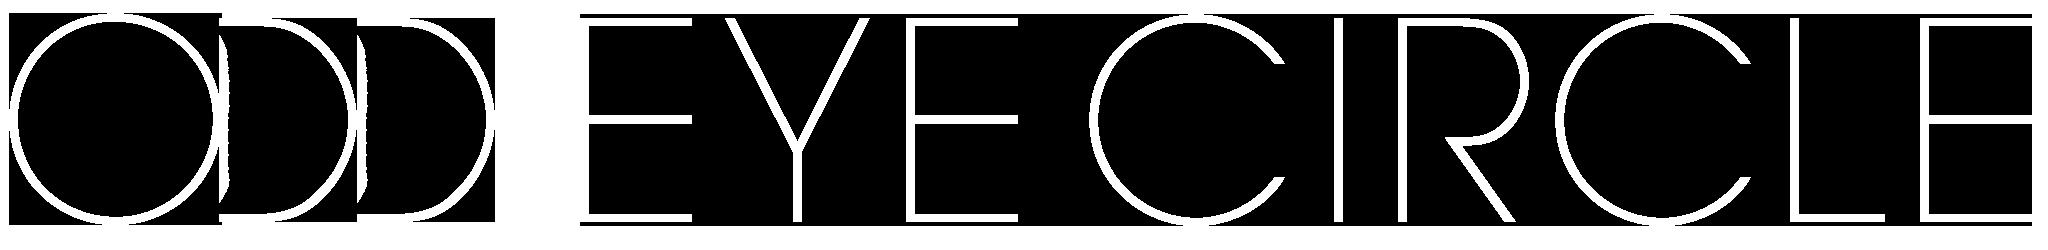 ODD EYE CIRCLE Logo white.png